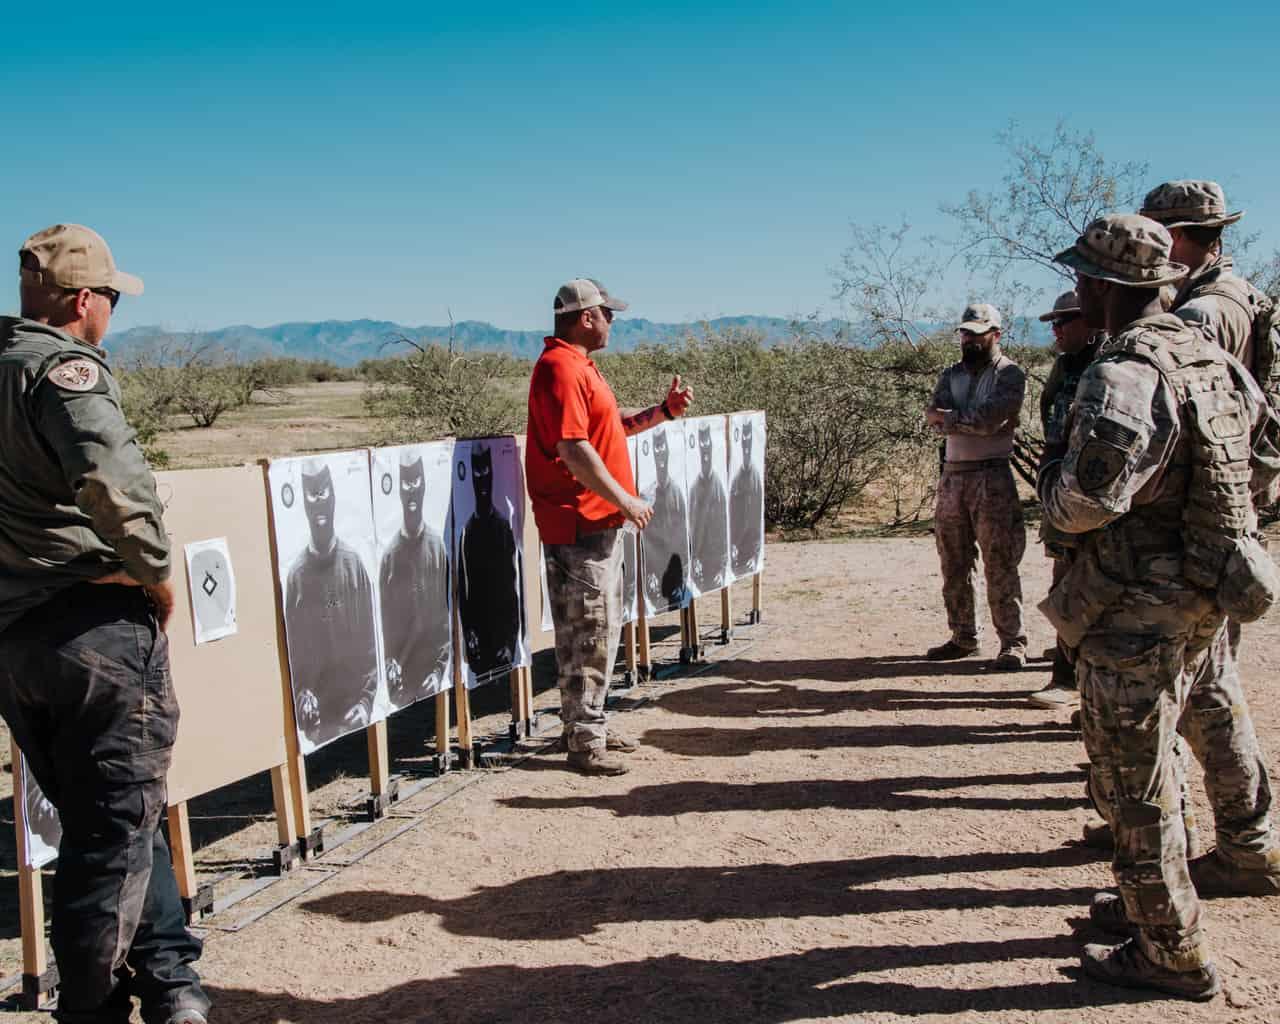 advanced-rural-sniper-course-7